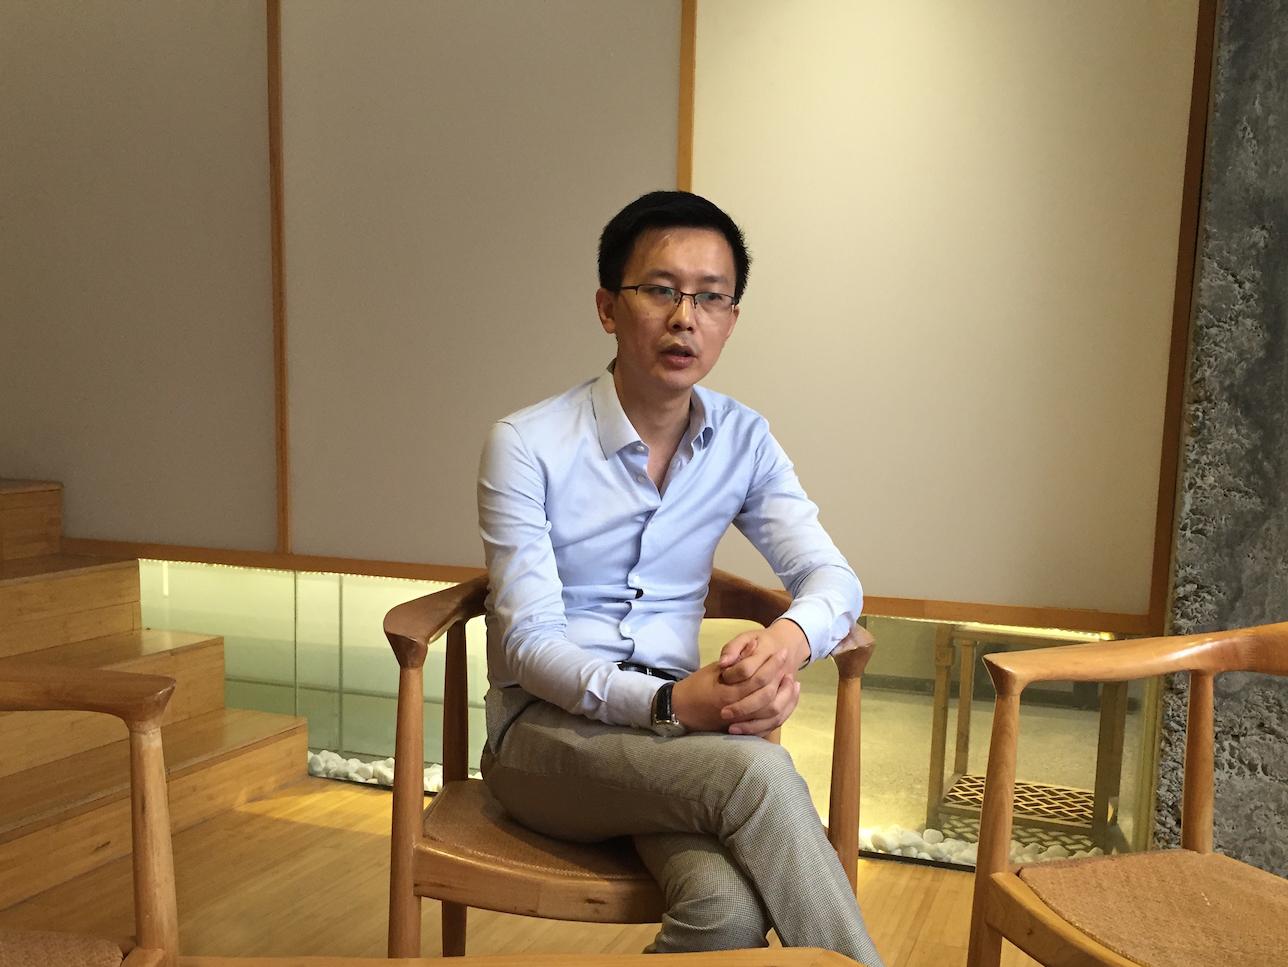 专访 | 九悦CEO李国望:着眼当下的电动滑板车-唯轮网